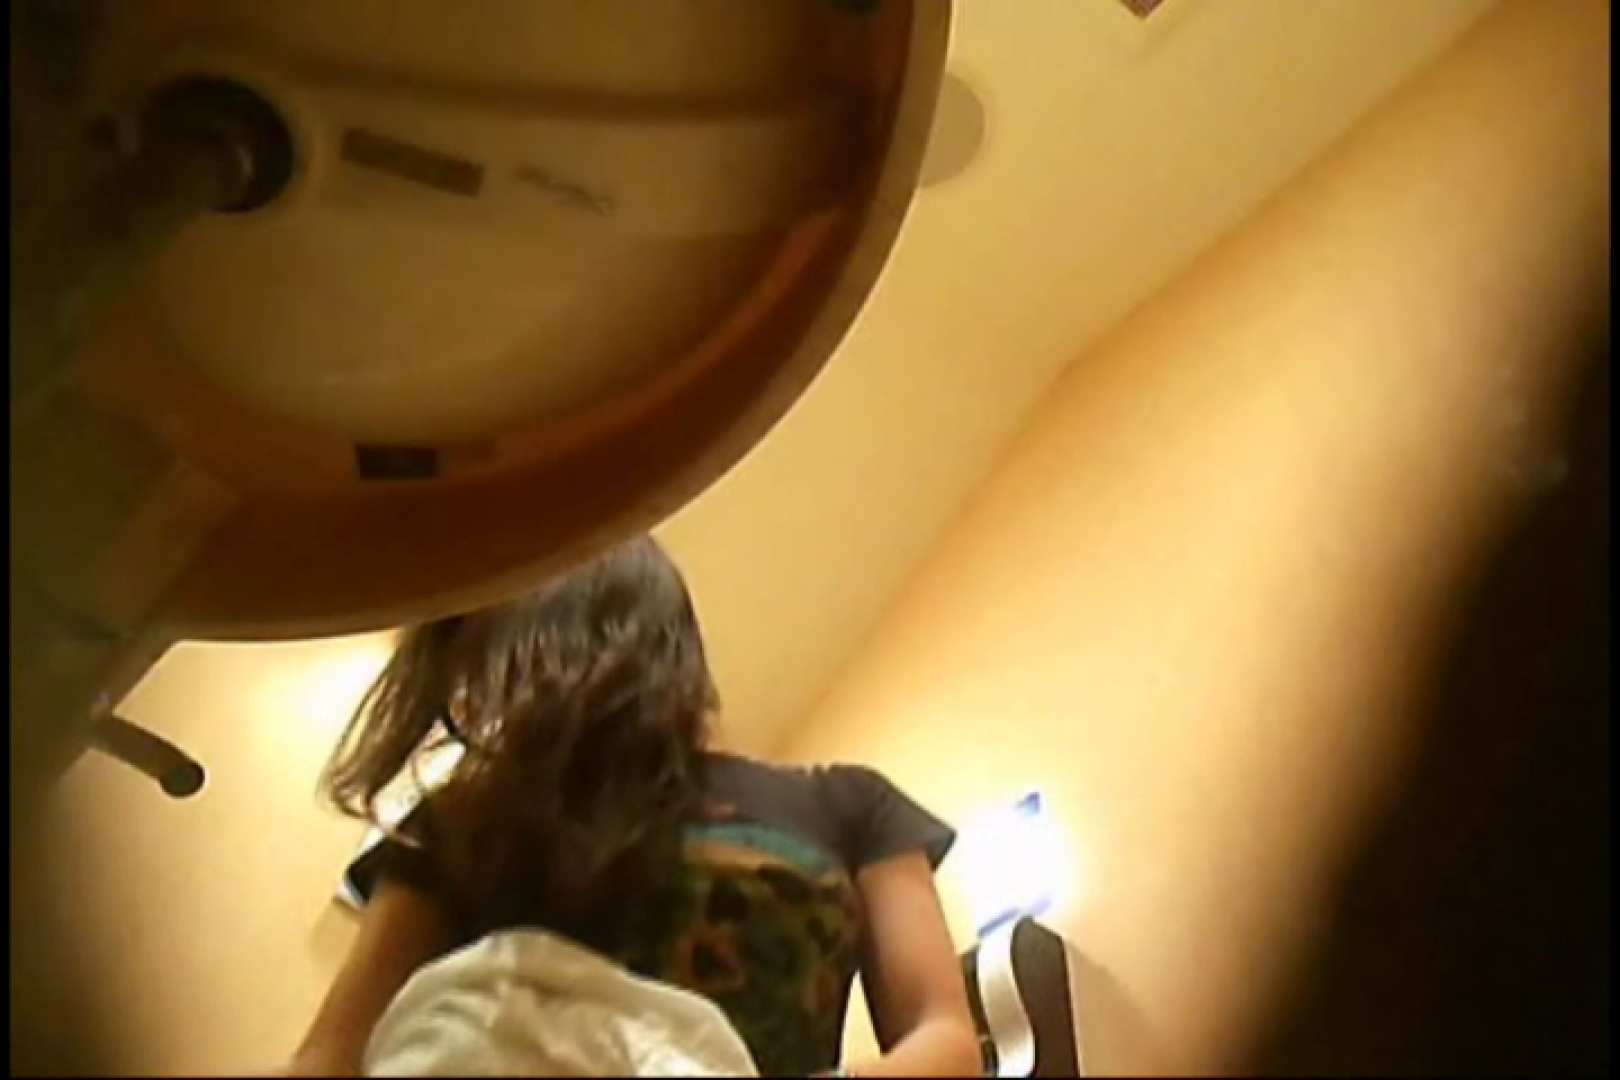 潜入!!女子化粧室盗撮~絶対見られたくない時間~vo,46 潜入 AV無料動画キャプチャ 105pic 3